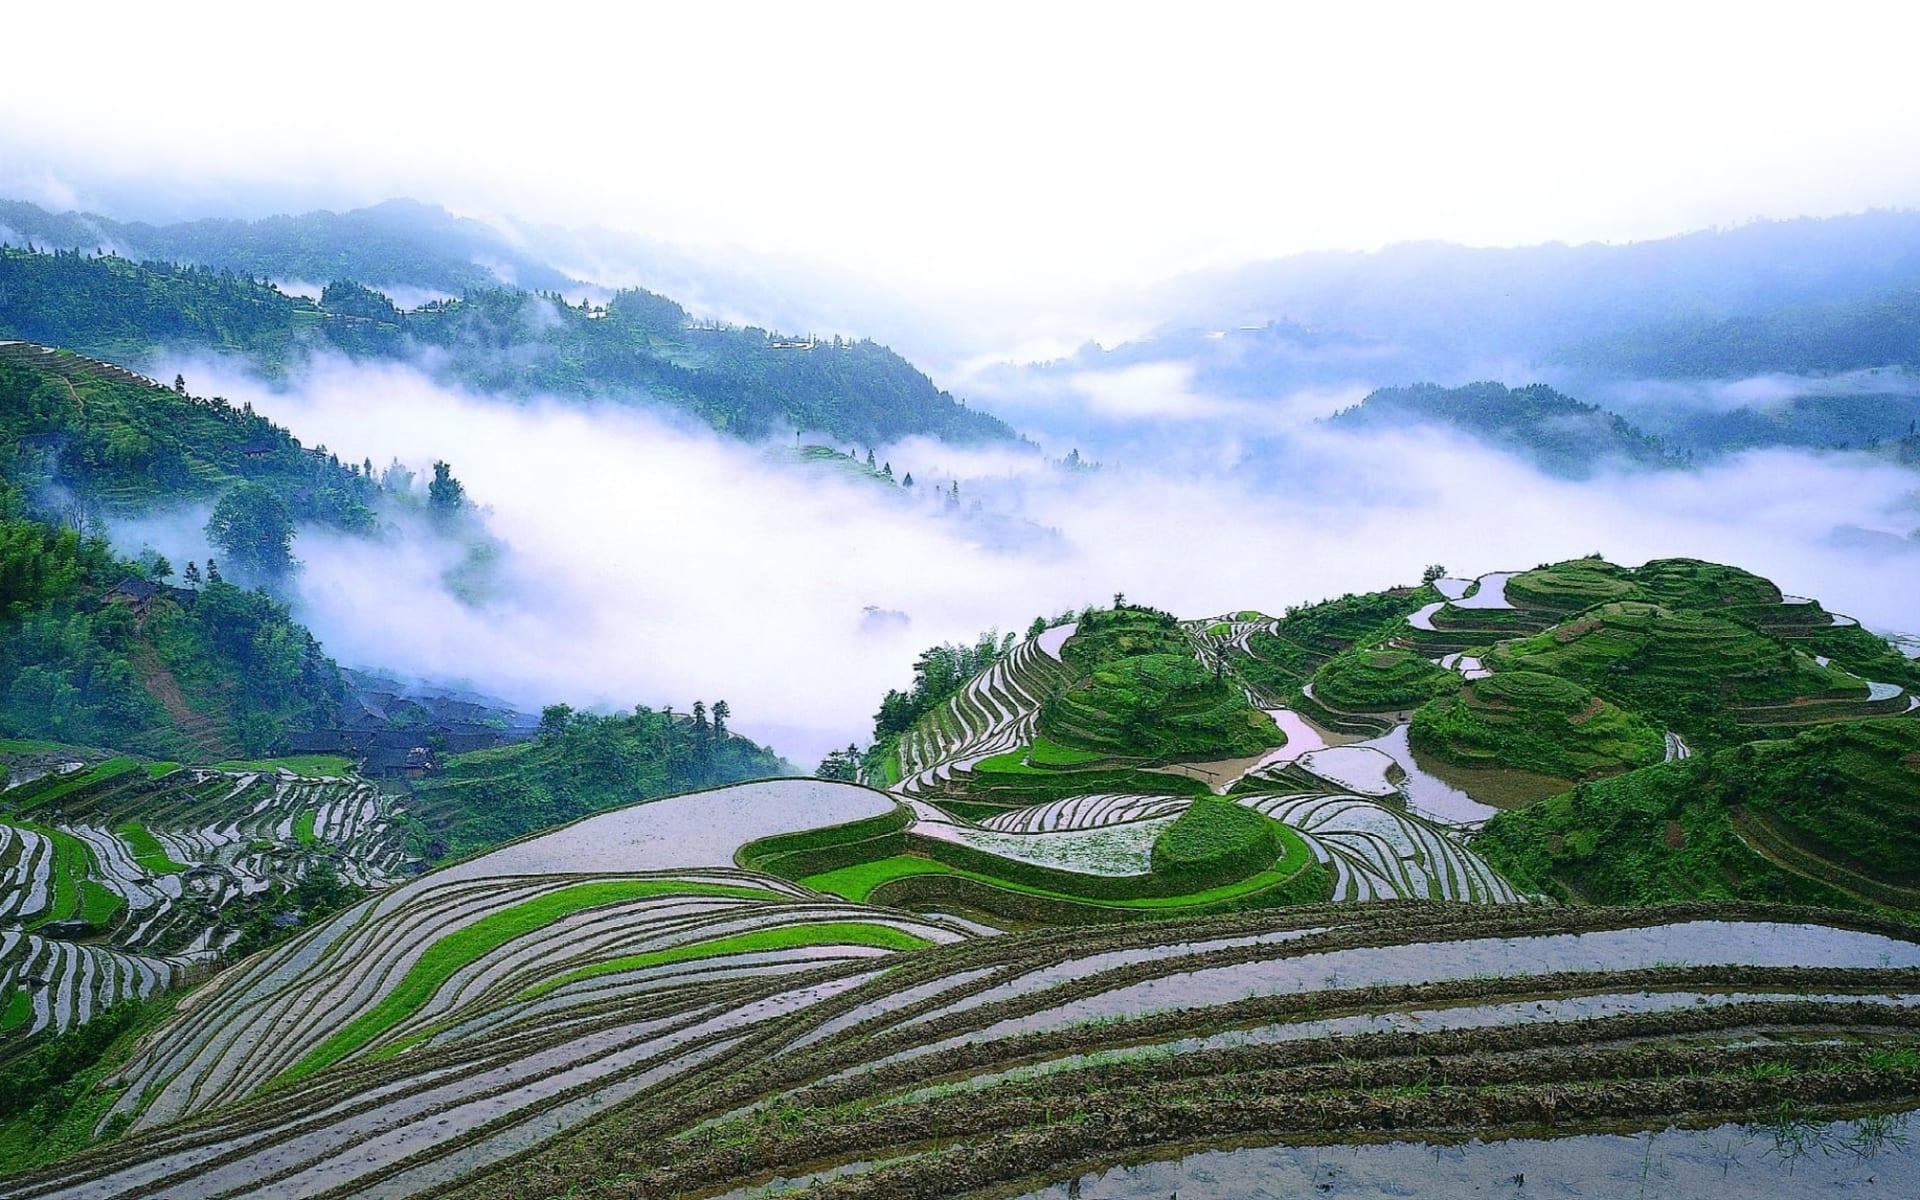 China aktiv erleben ab Peking: Longsheng: Terrace